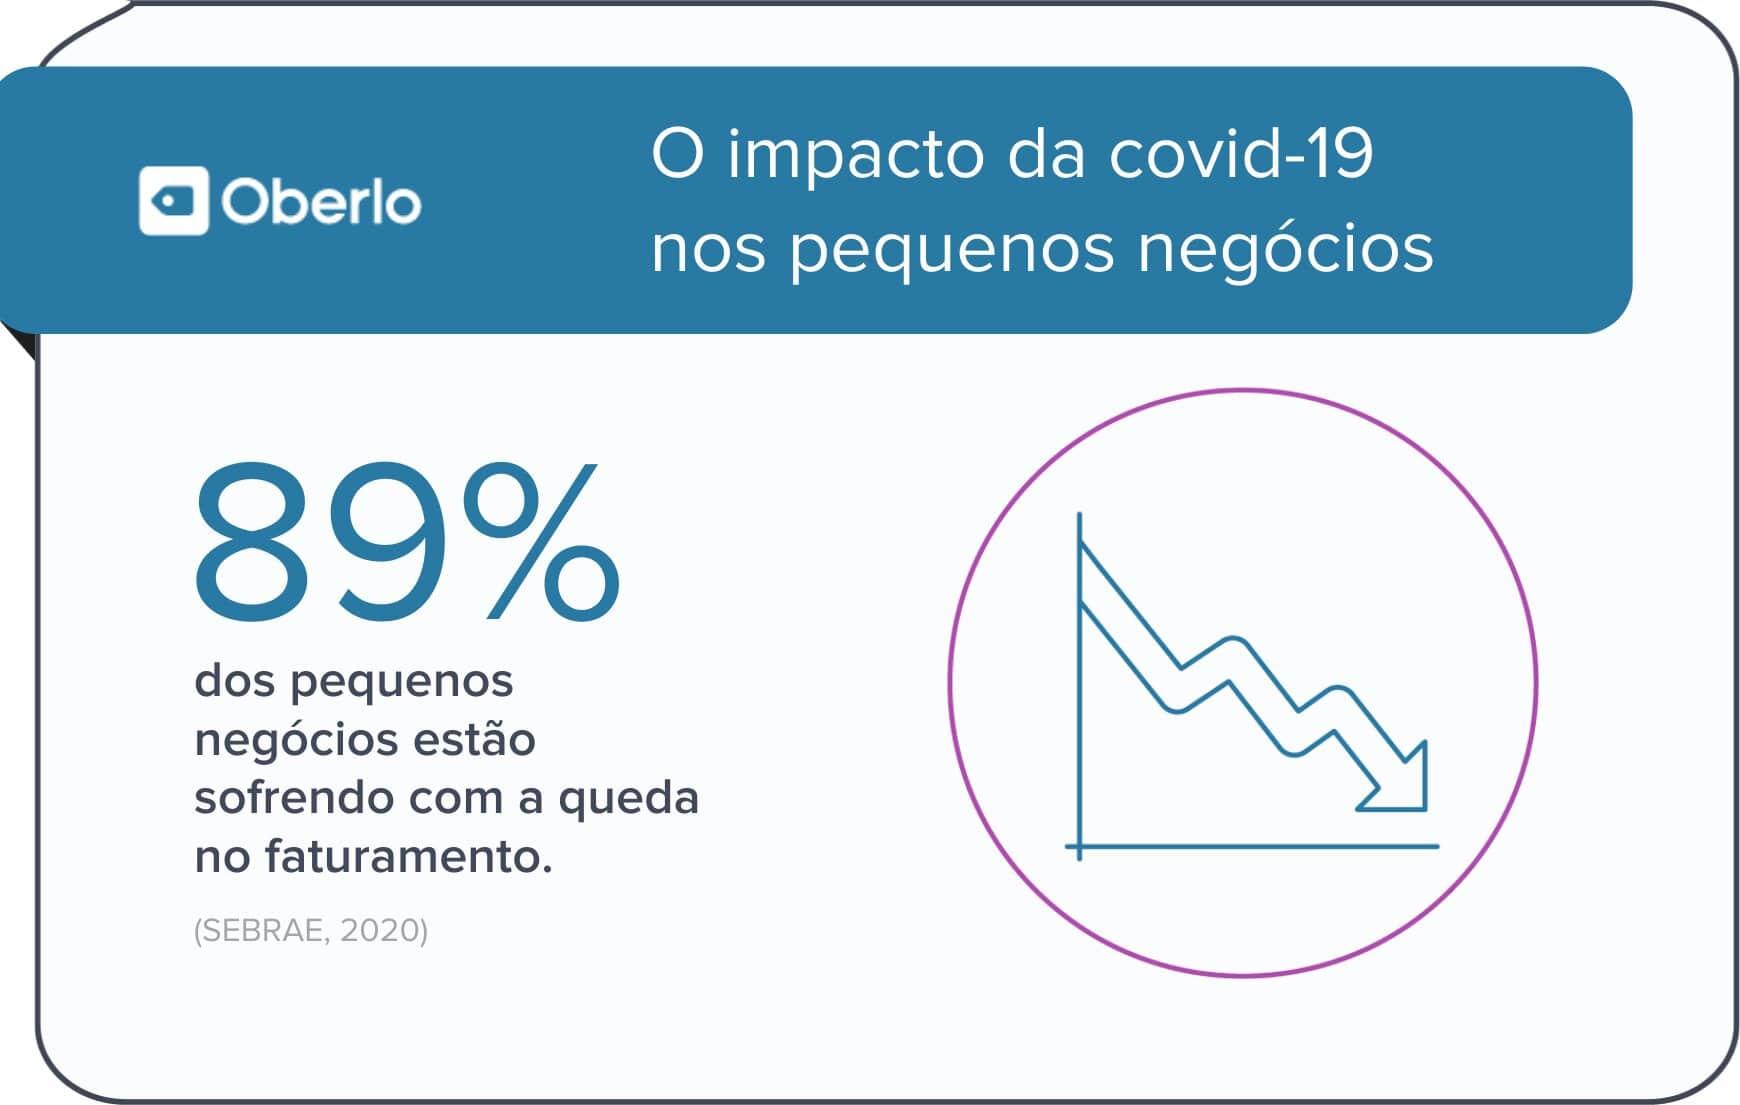 O impacto da covid-19 nos pequenos negócios